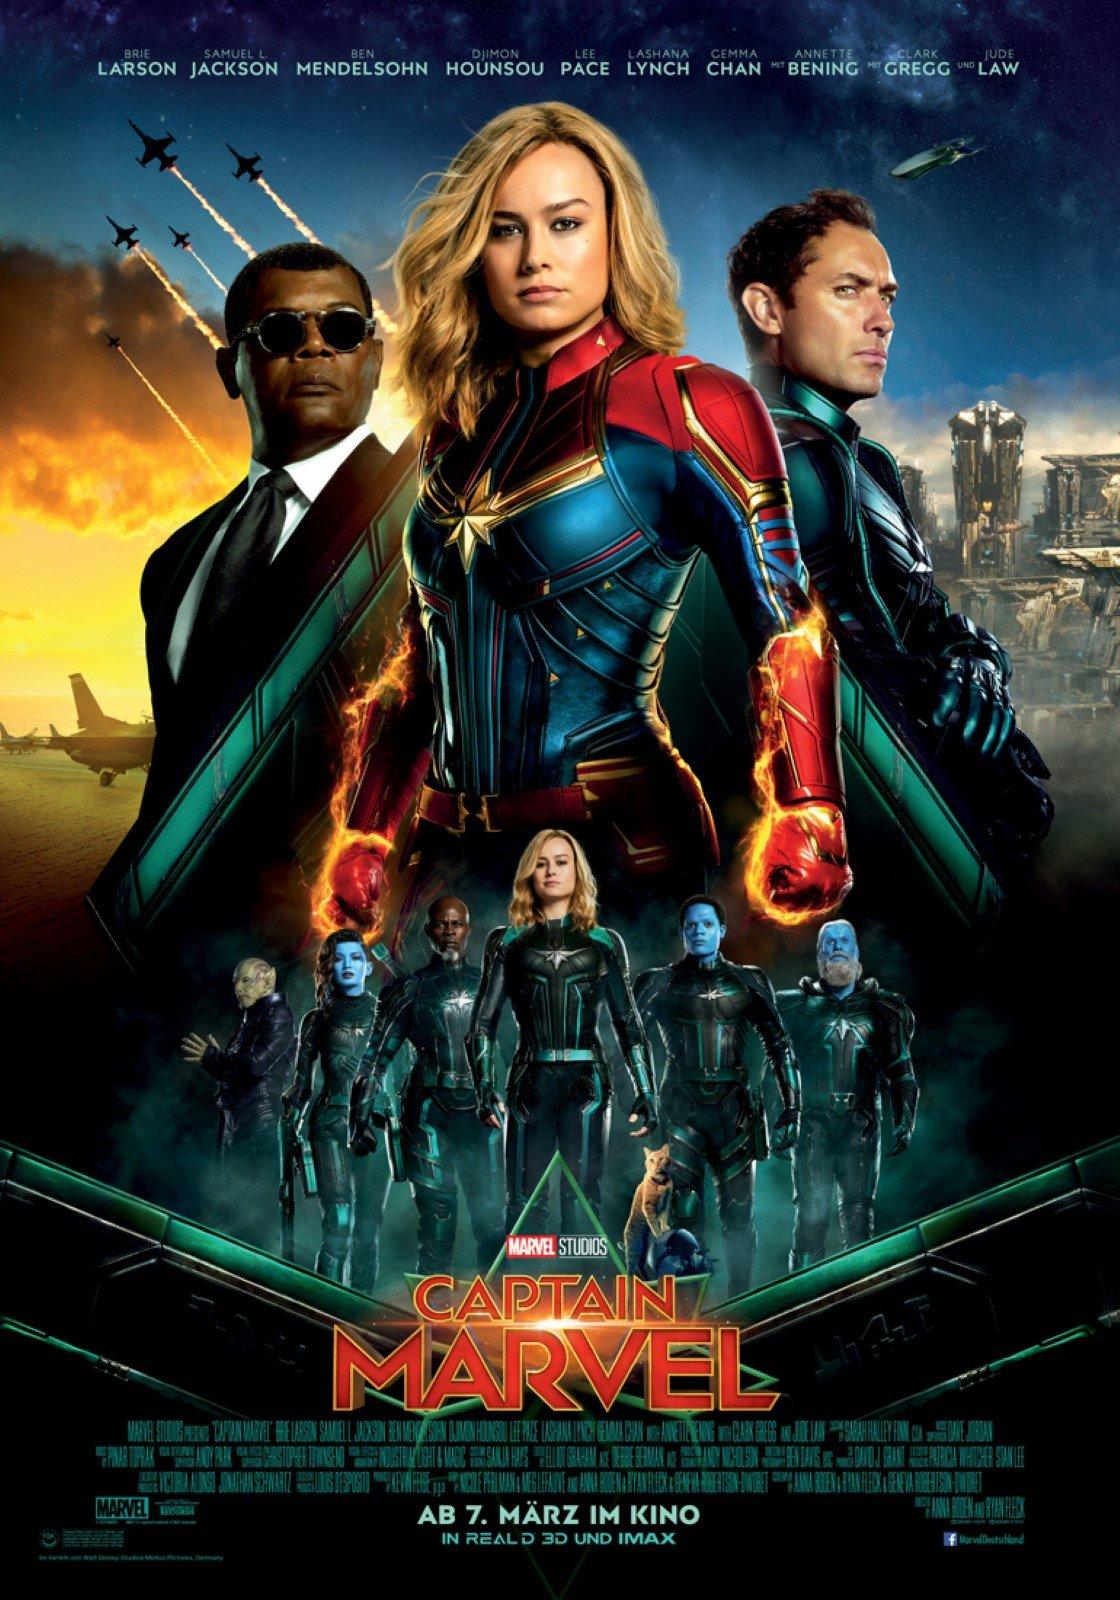 Captain Marvel   Film 20   FILMSTARTS.de